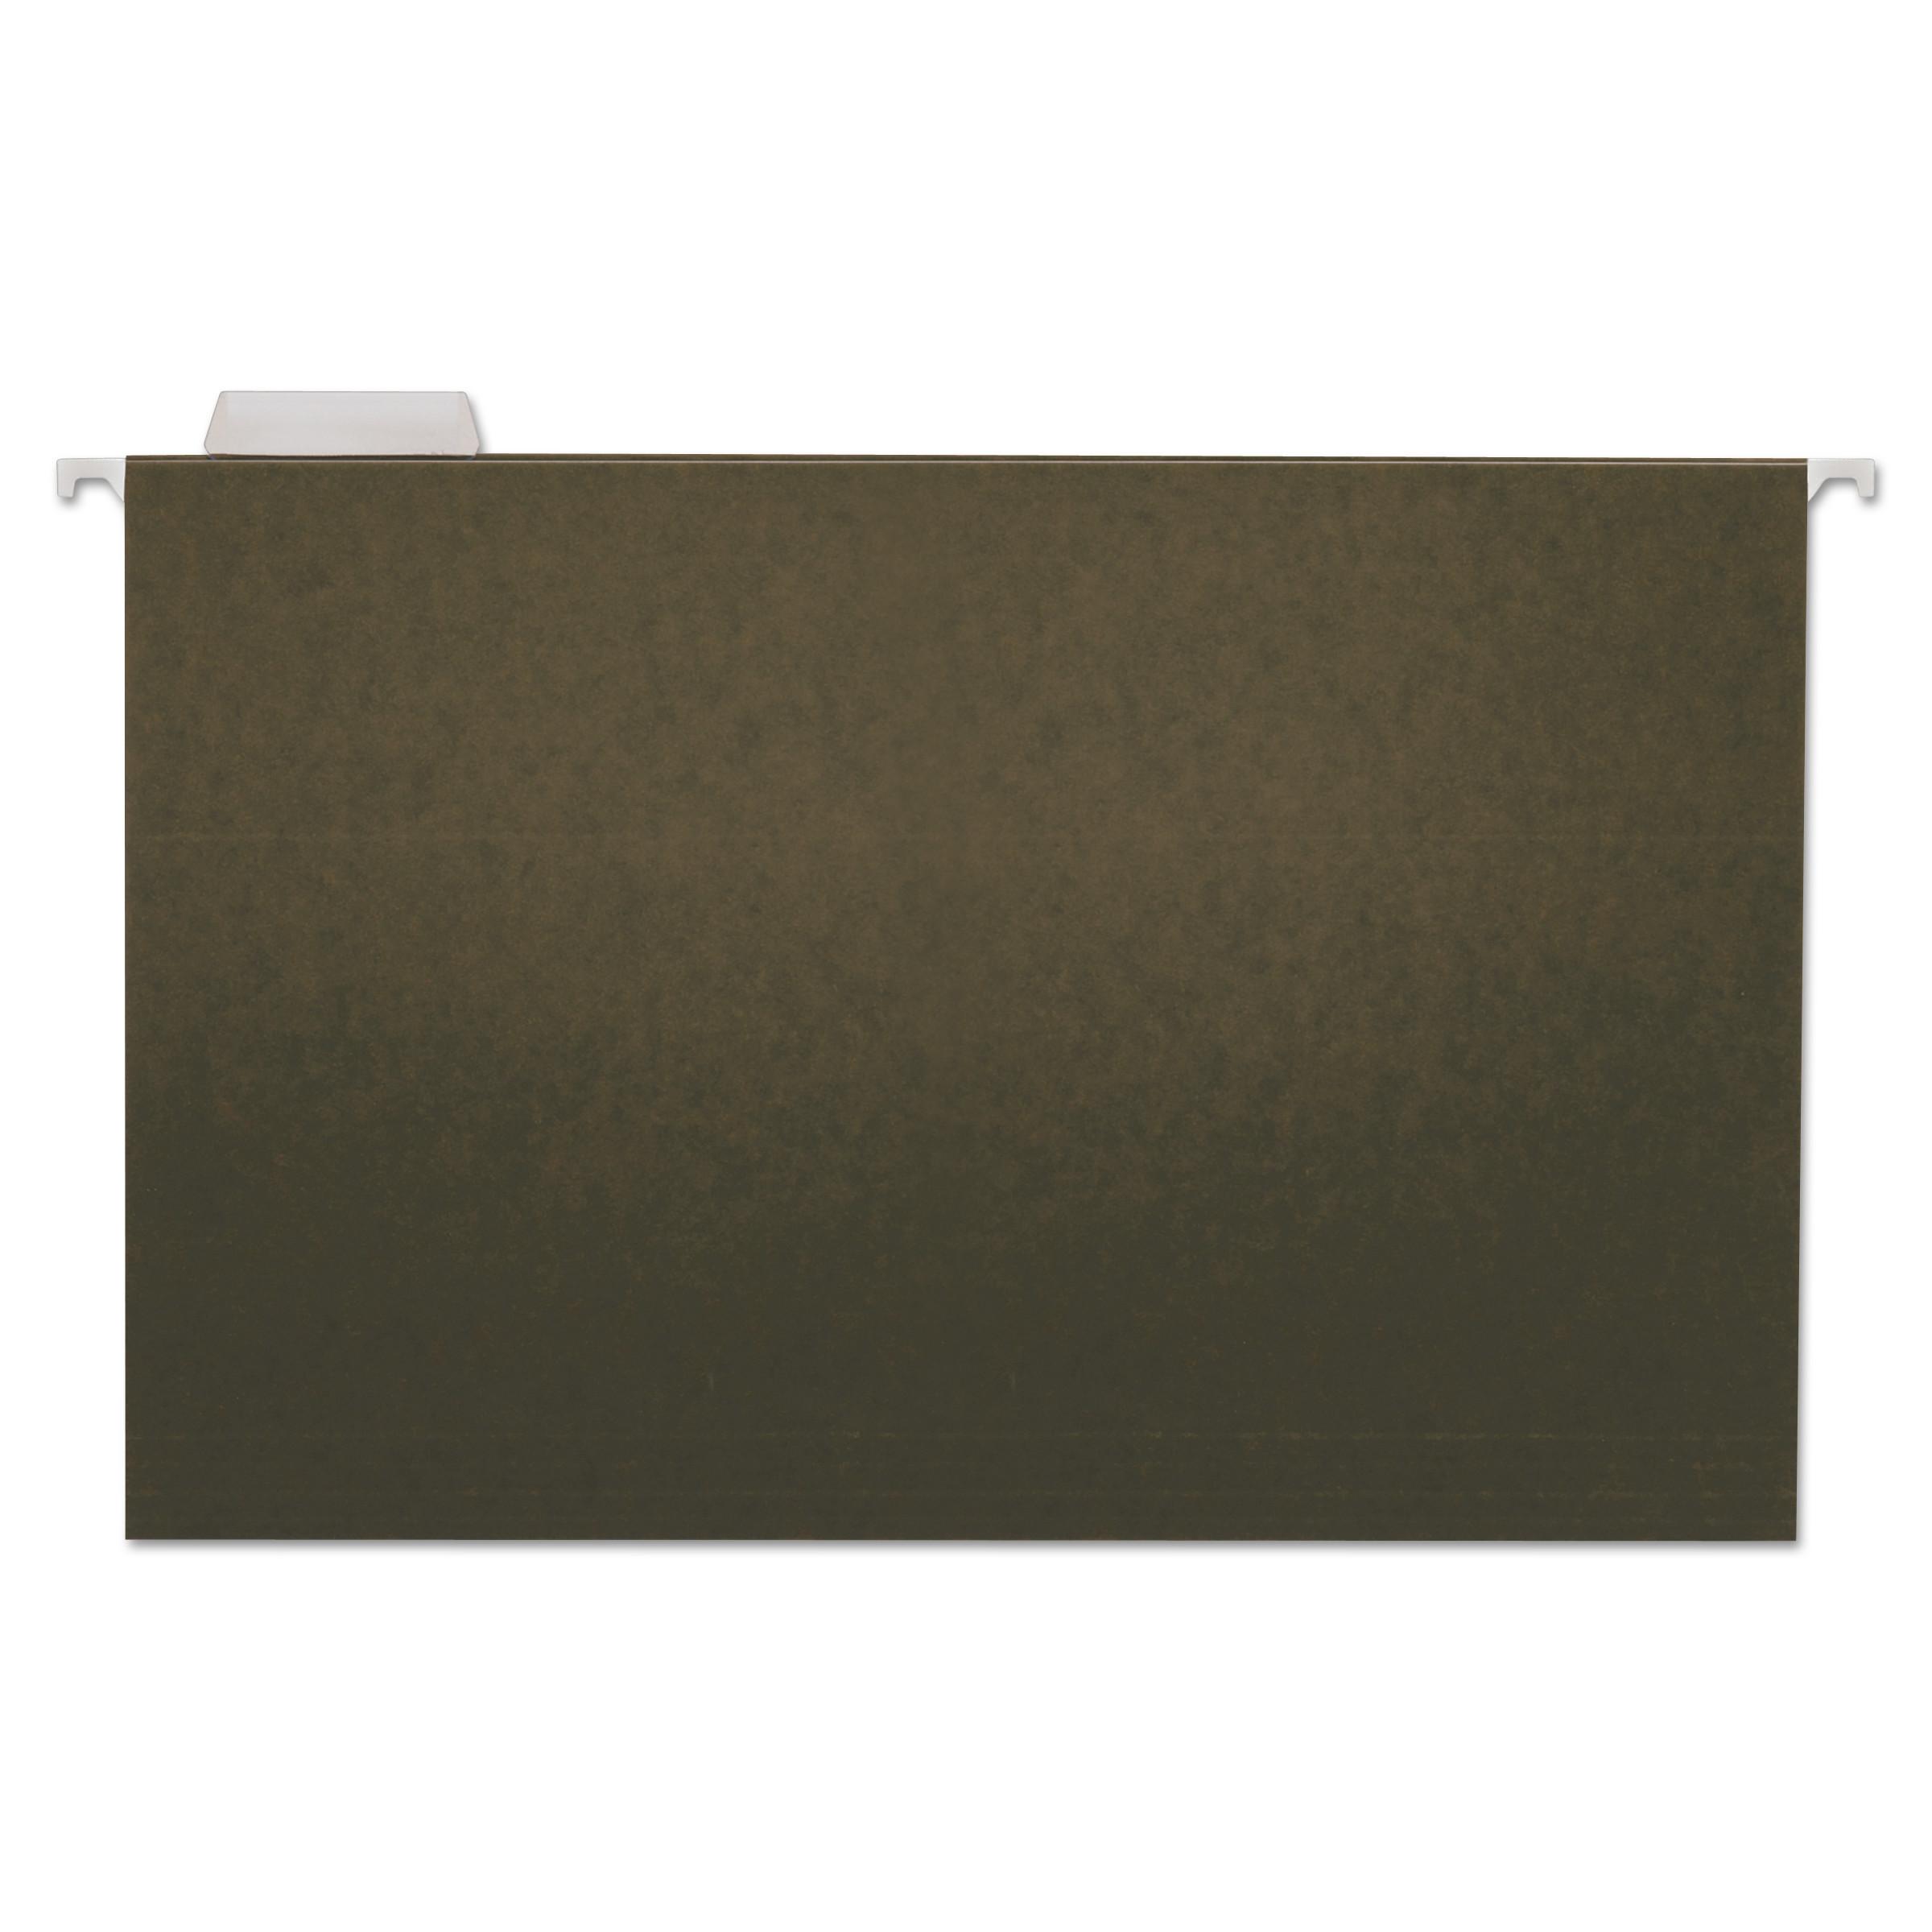 UNV42215 Universal Hanging File Folder Plastic Index Tabs 1-Pack